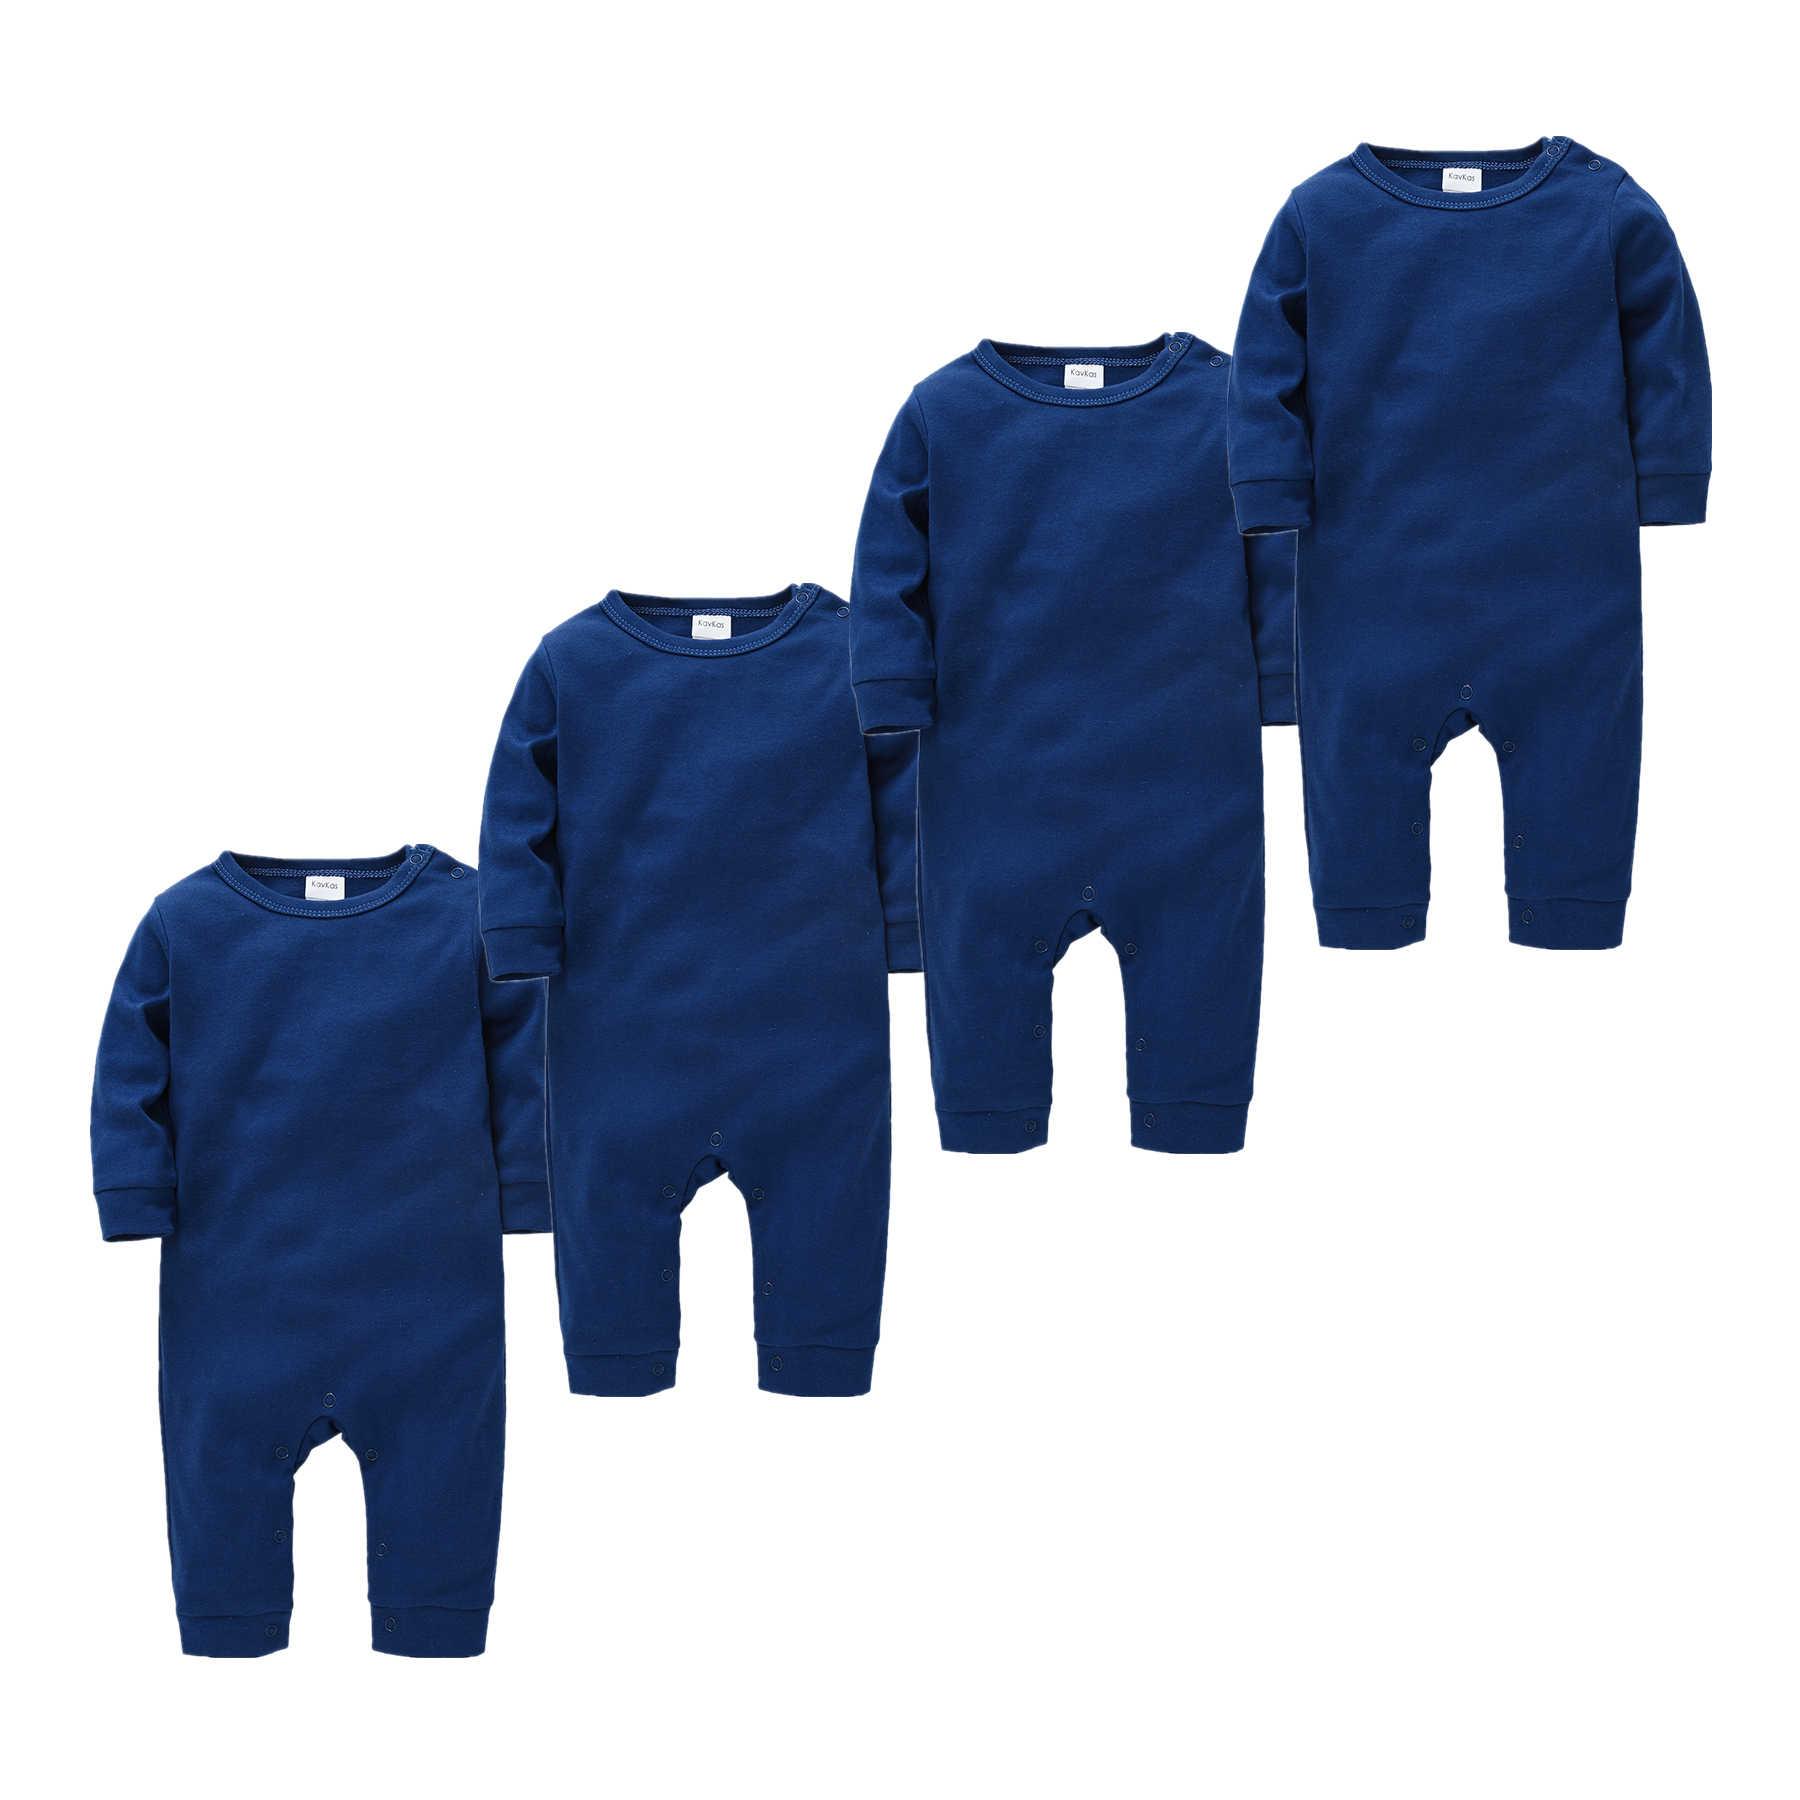 0-18M Roupas Bebe De Chắc Chắn Rompers Bebe Fille Cotton Jumpsuit Onesies Roupa Bebe De Sơ Sinh Đèn Ngủ Cho Bé bé Trai Pjiamas 0-18M